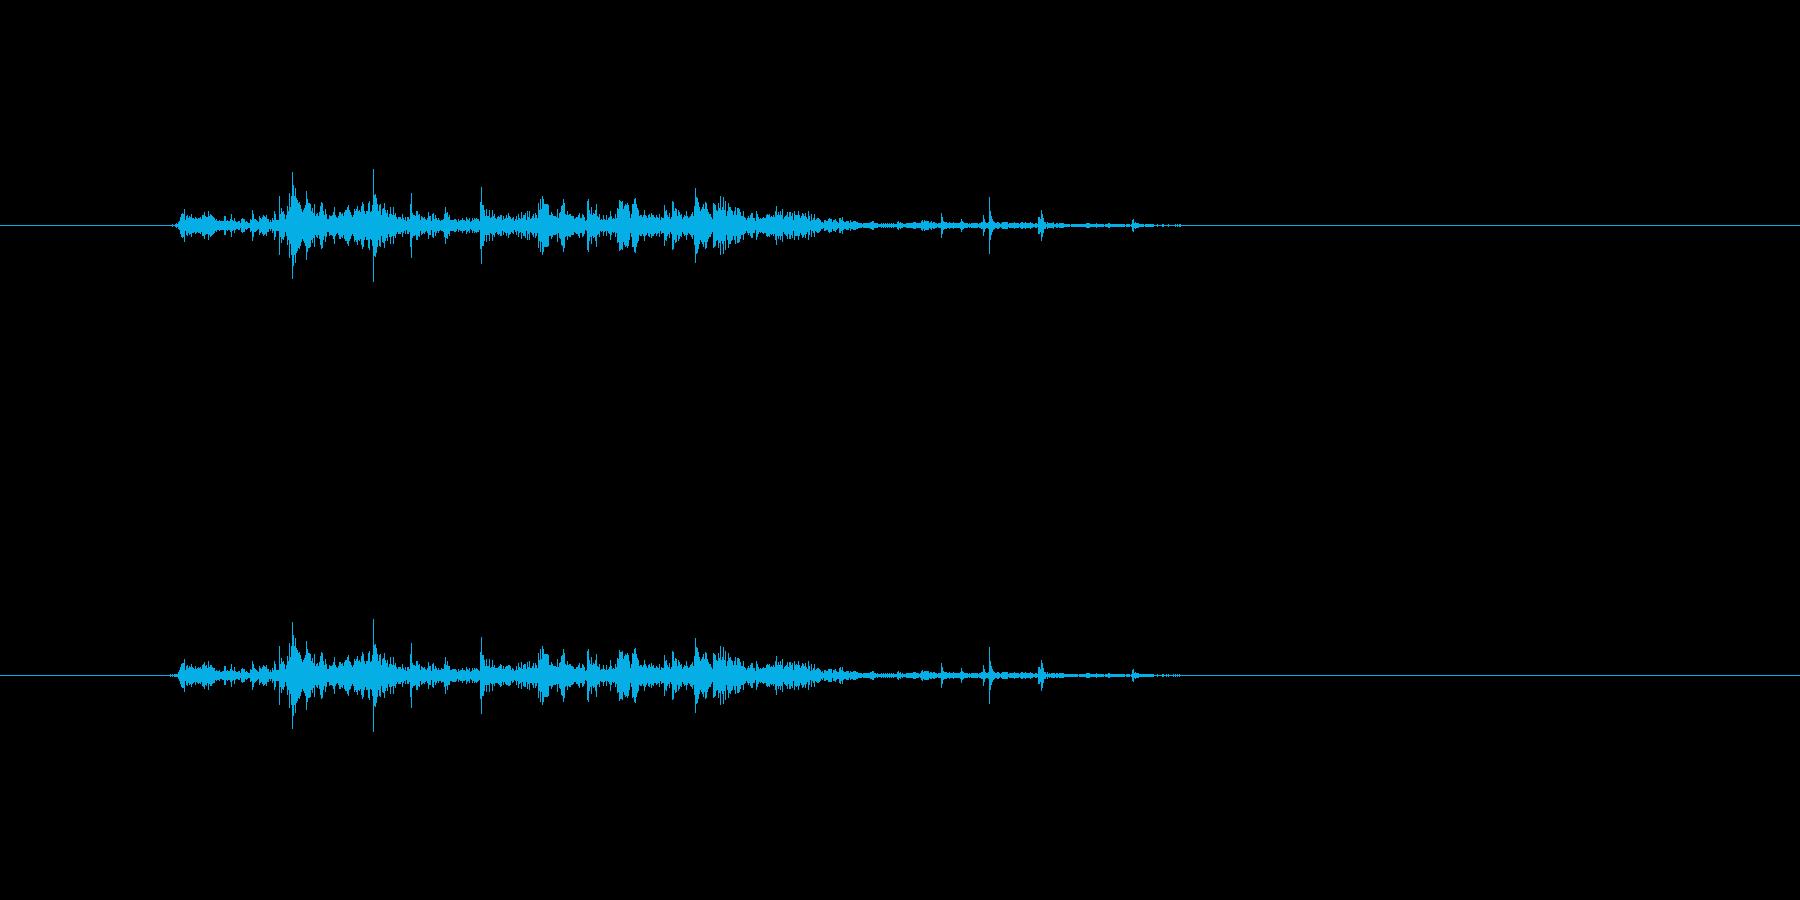 【チラシ01-1(めくる)】の再生済みの波形